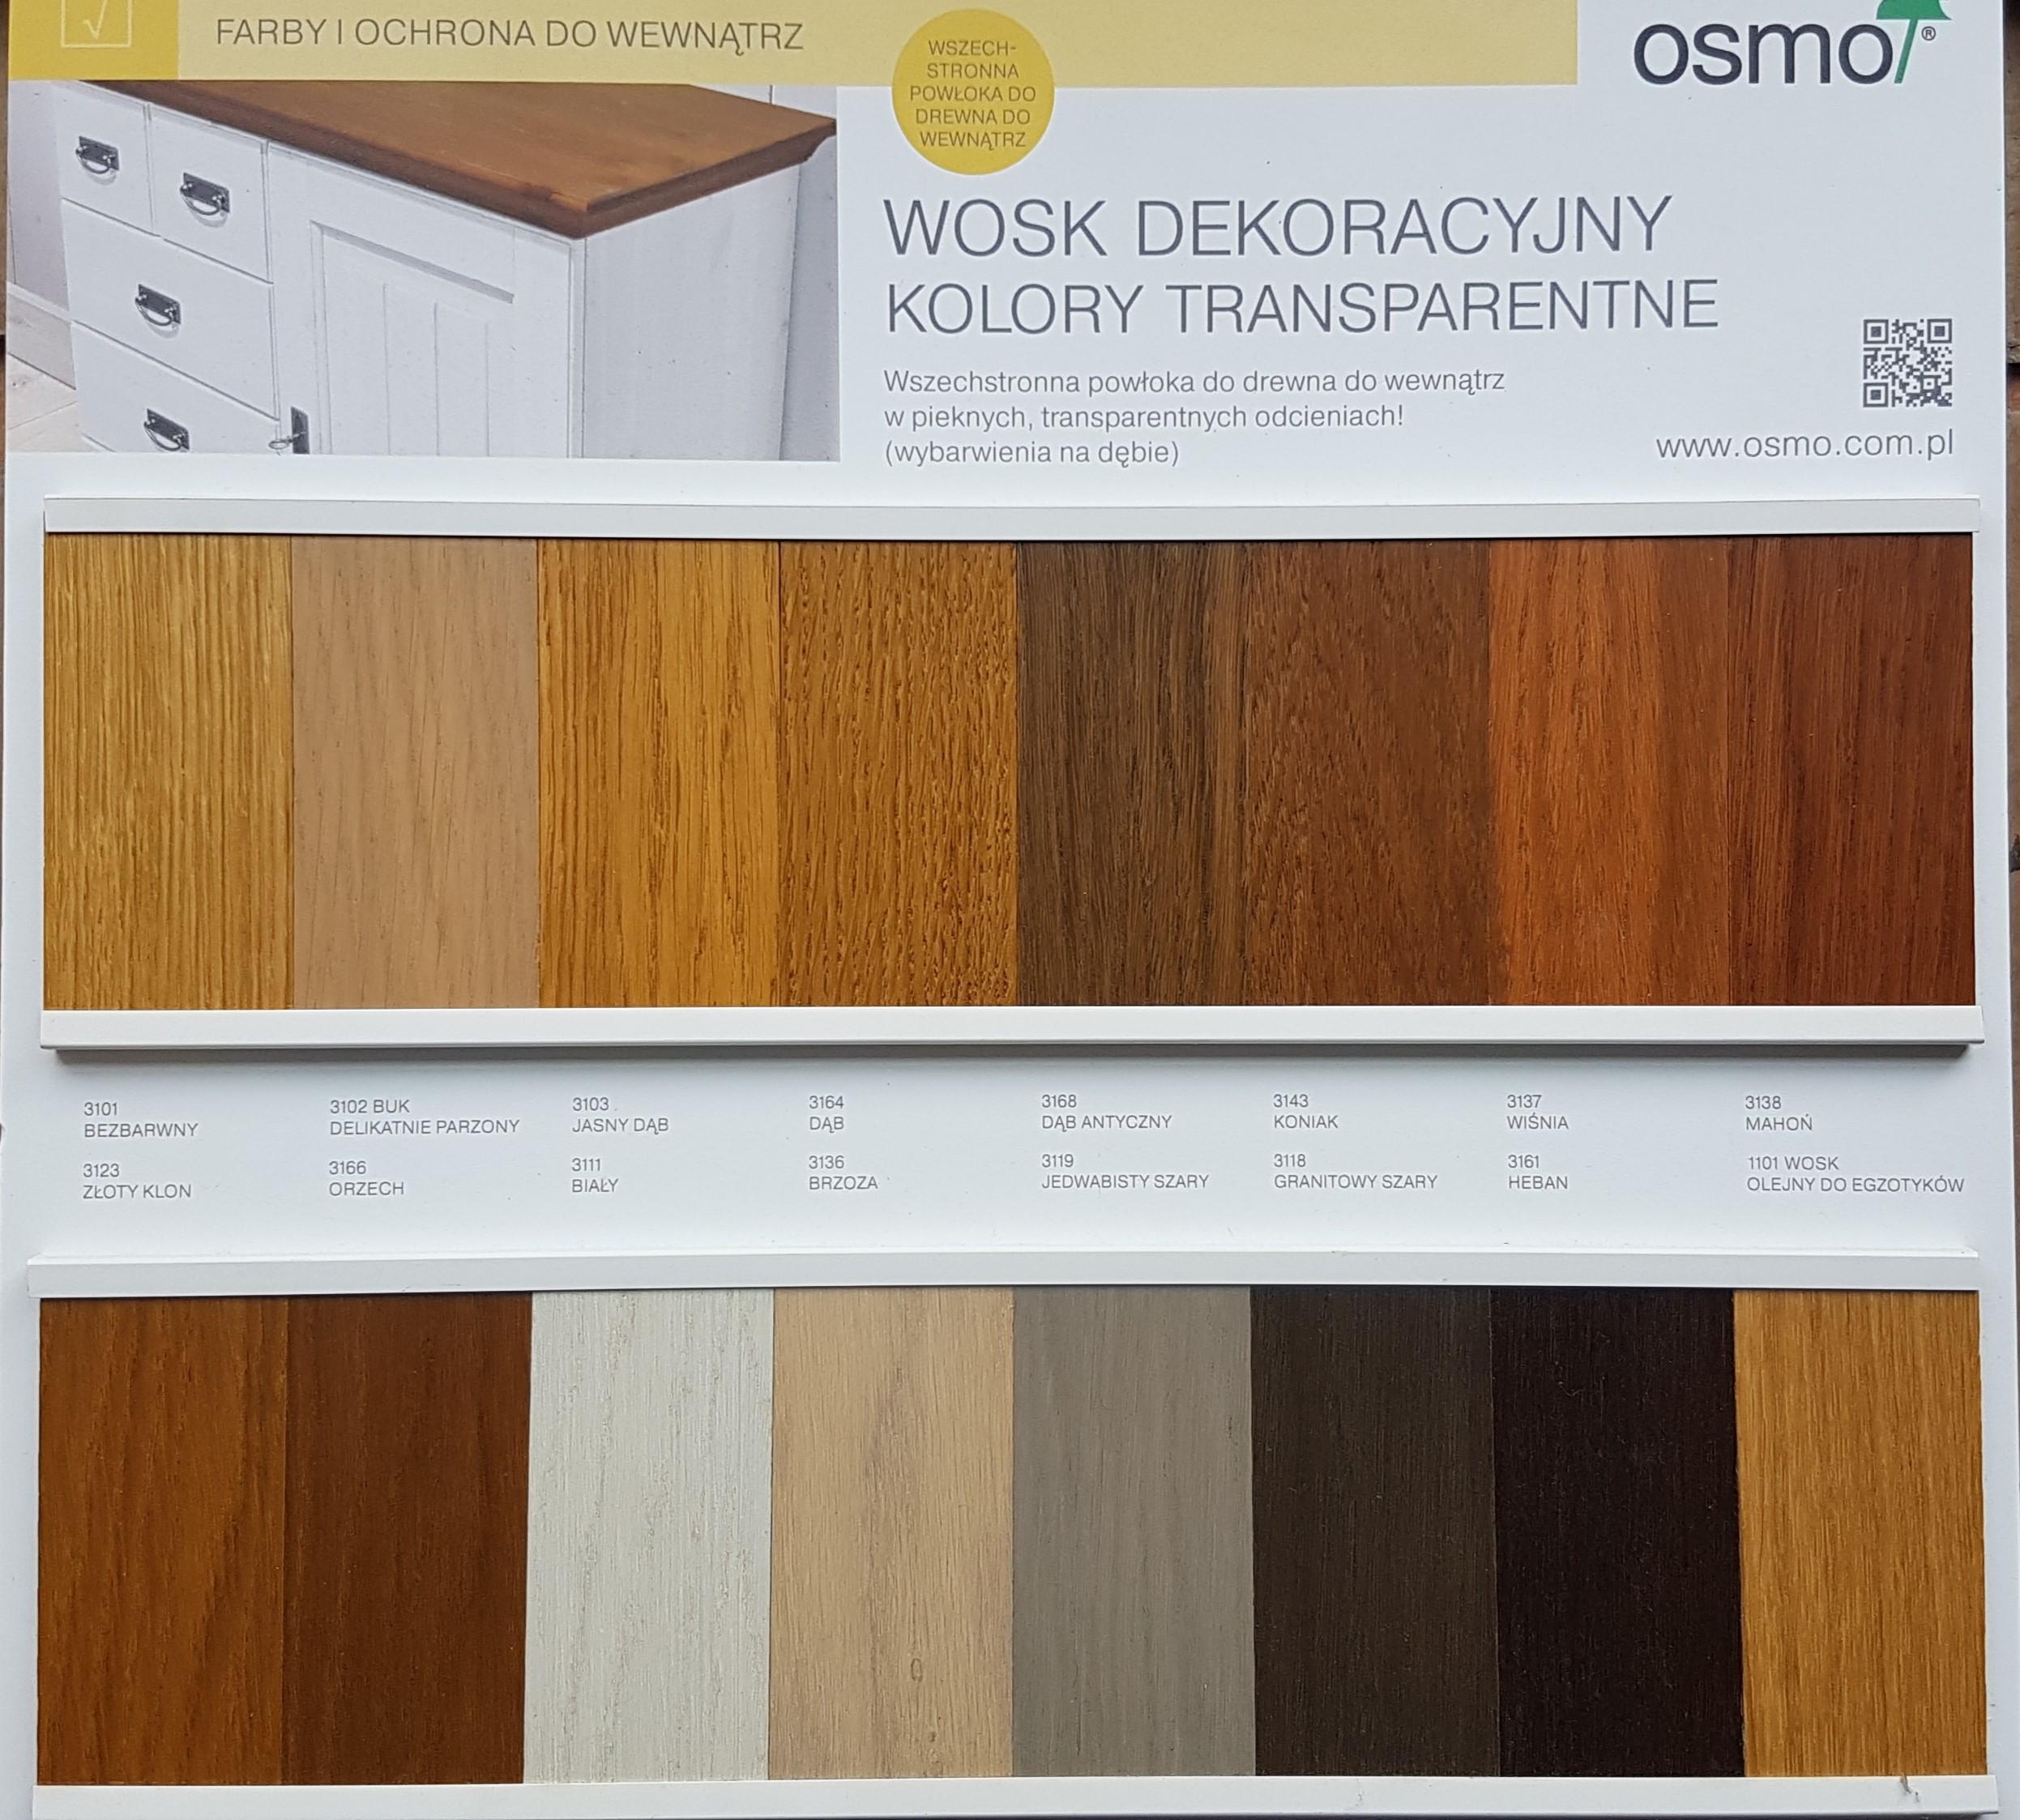 wosk dekoracyjny kolory transparentne paleta